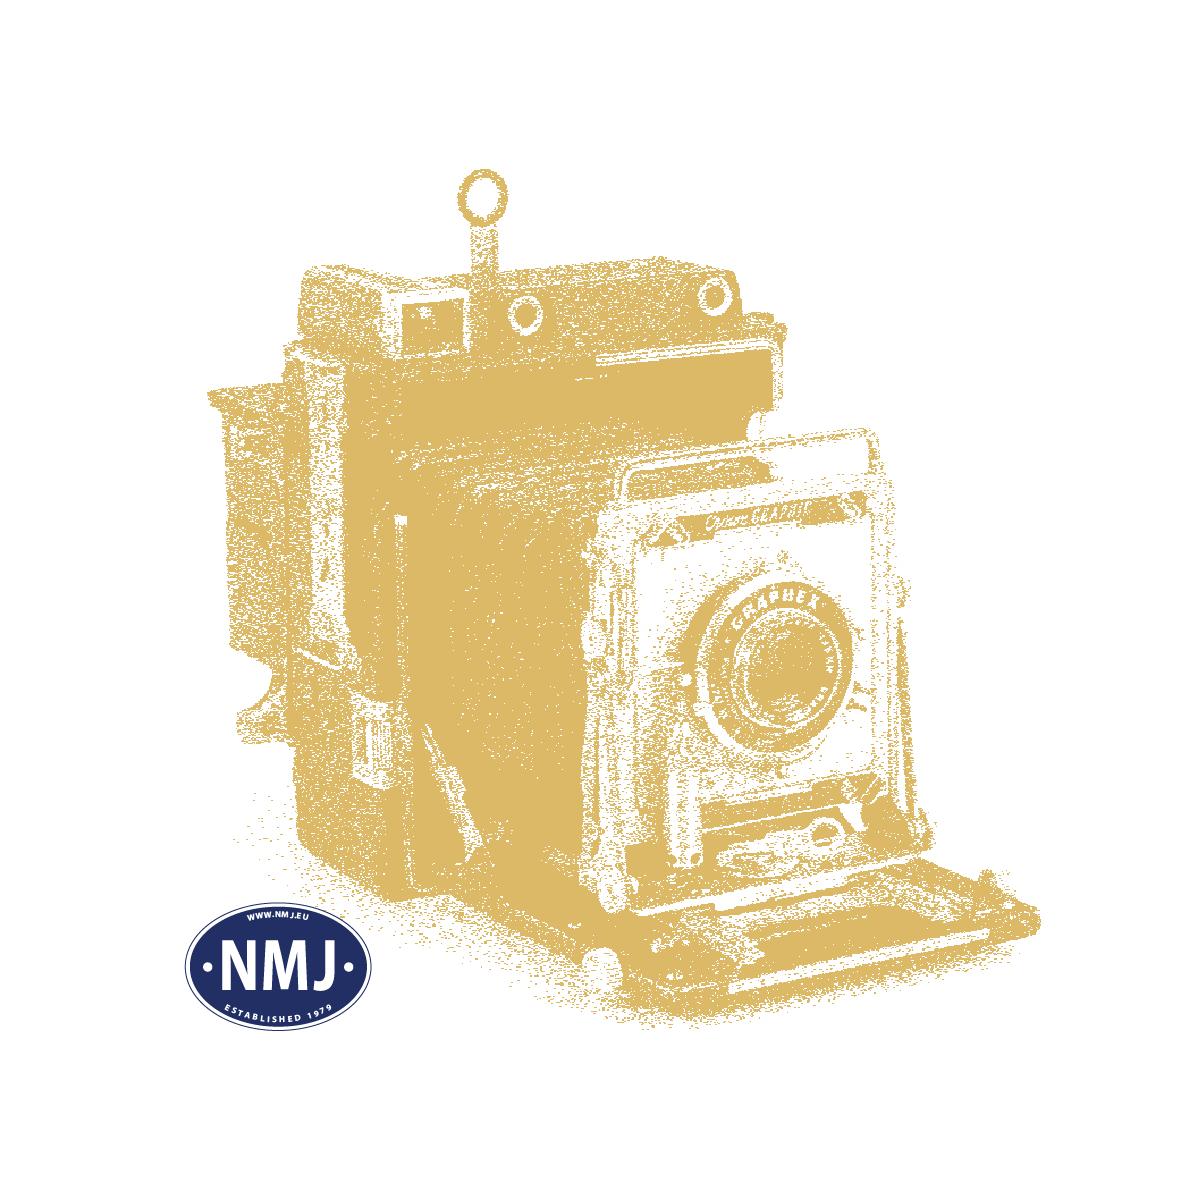 NMJT9909 - Diverse Ersatzteile für El13